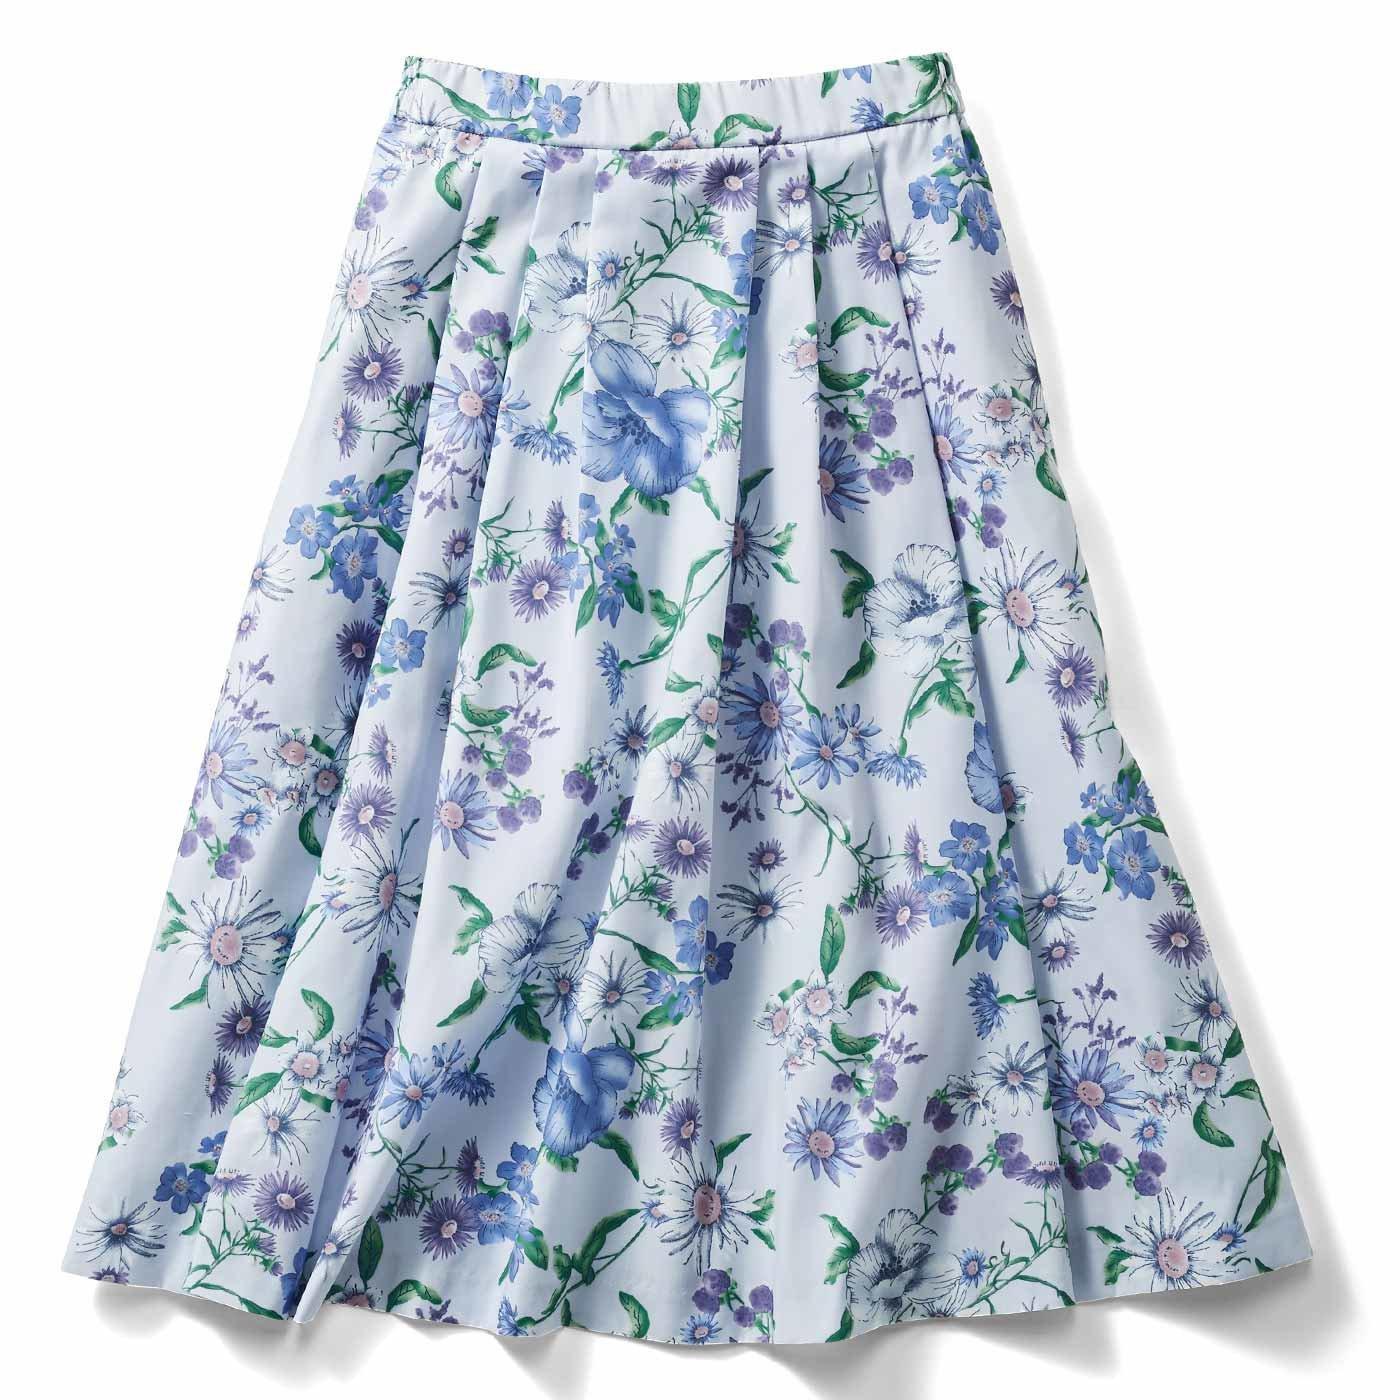 IEDIT[イディット] 華やか柄でコーディネイトが着映えする花柄フレアースカート〈グレー〉